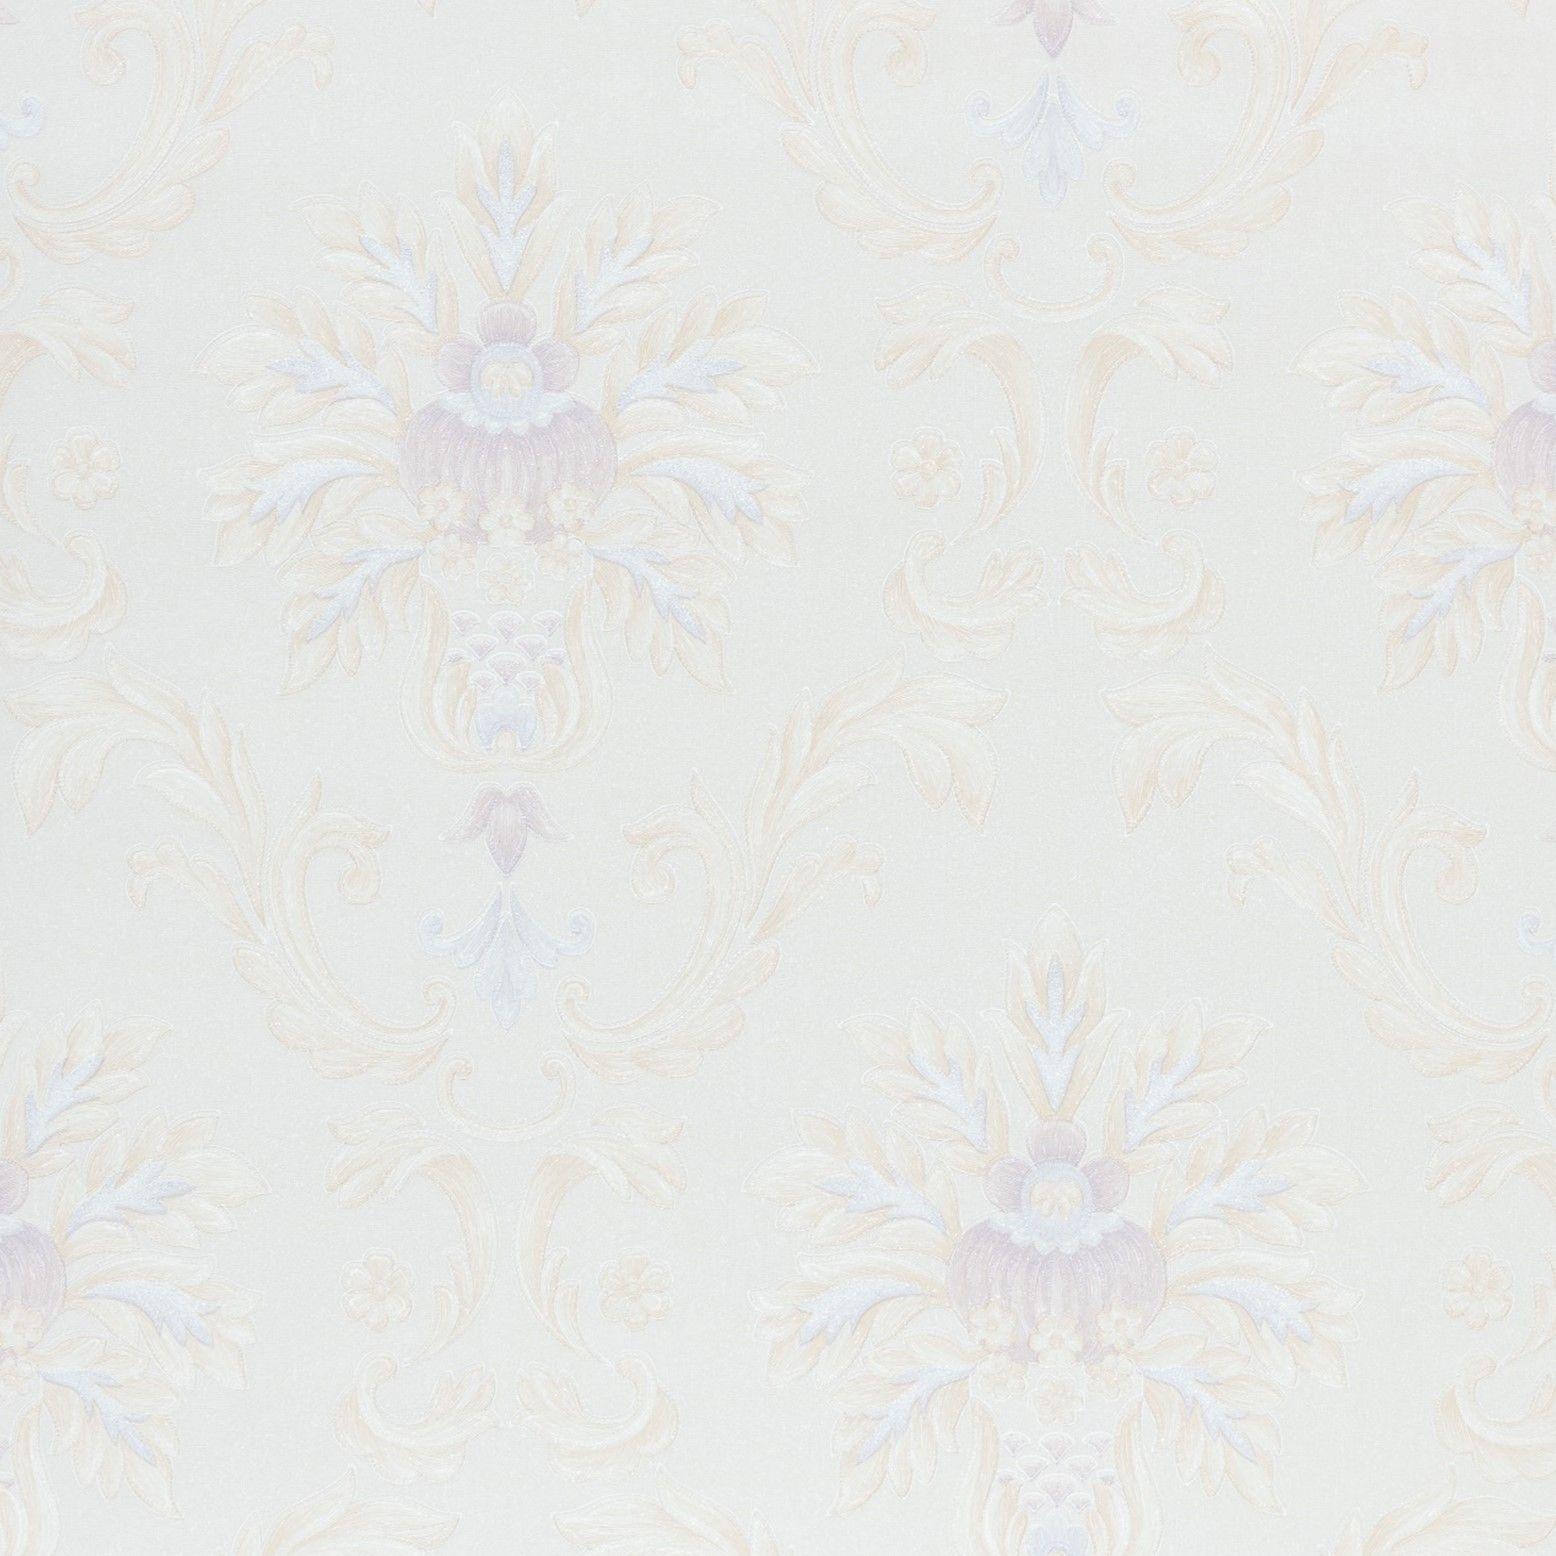 Papel de Parede Paris Decor Vinílico Coleção Chamonix Damask Bege, Lilás